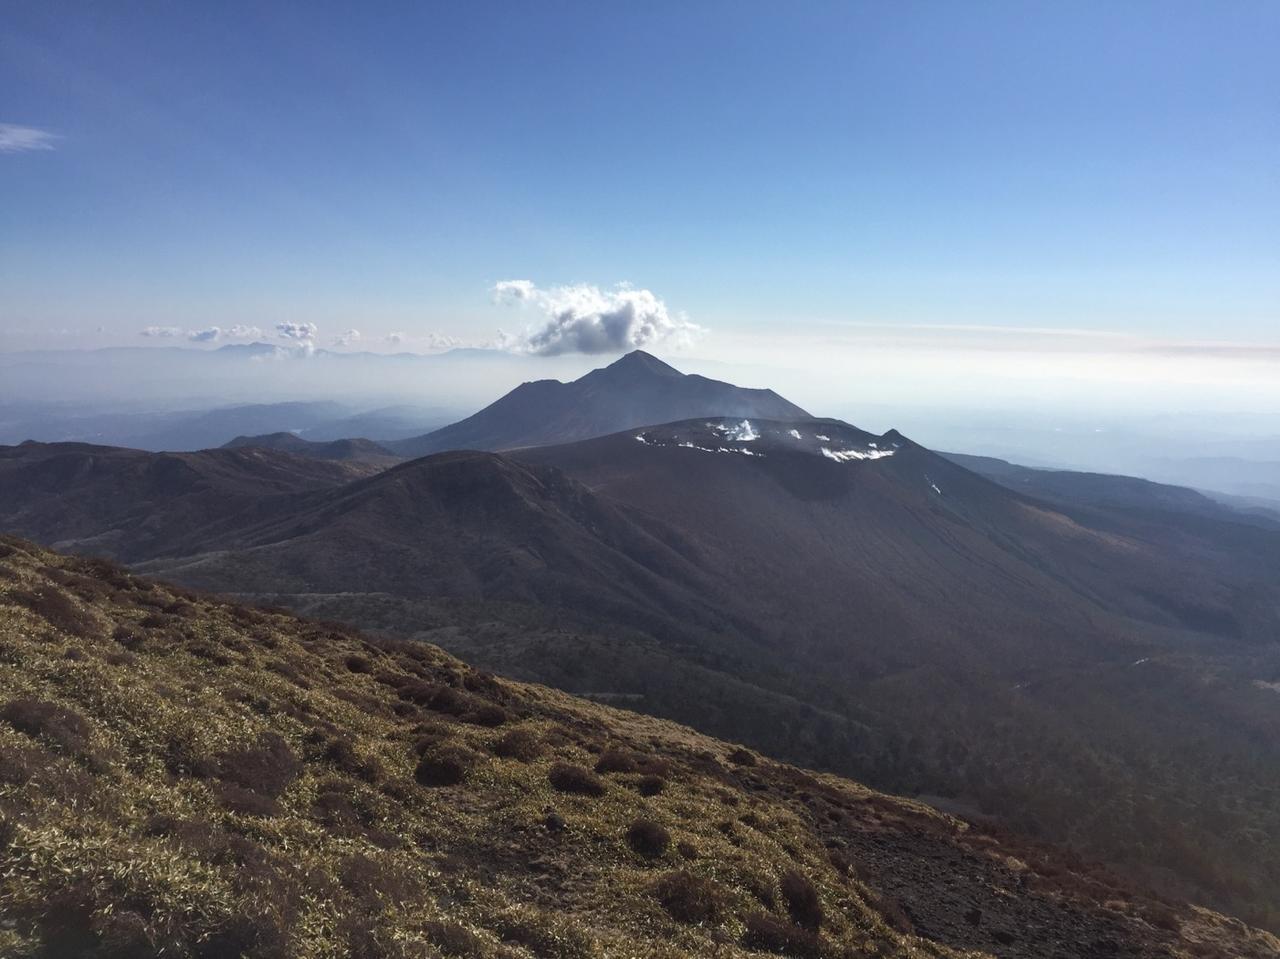 画像: 新燃岳と遠くには高千穂峰も見えます(イメージ)